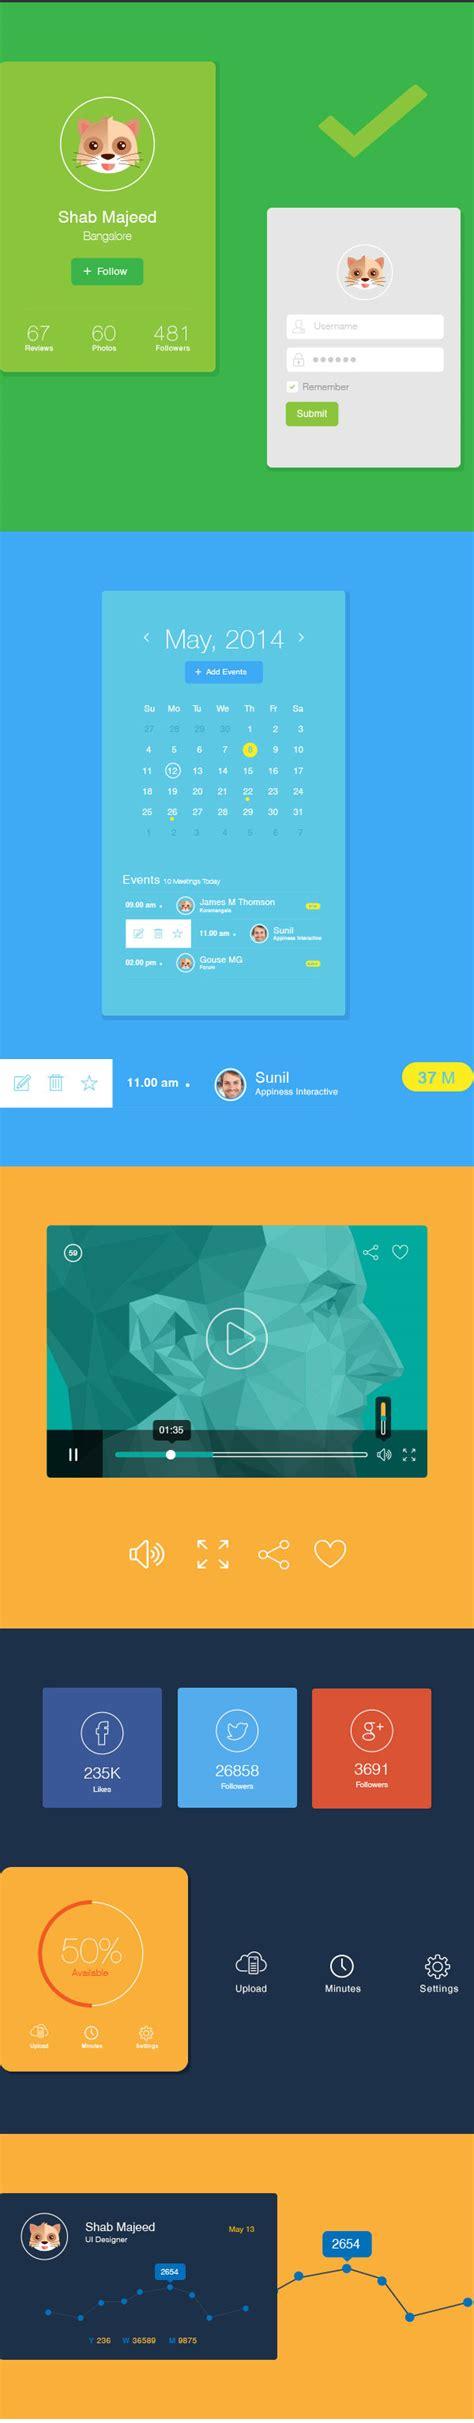 ui design elements vector flat ui design elements vector ai free download